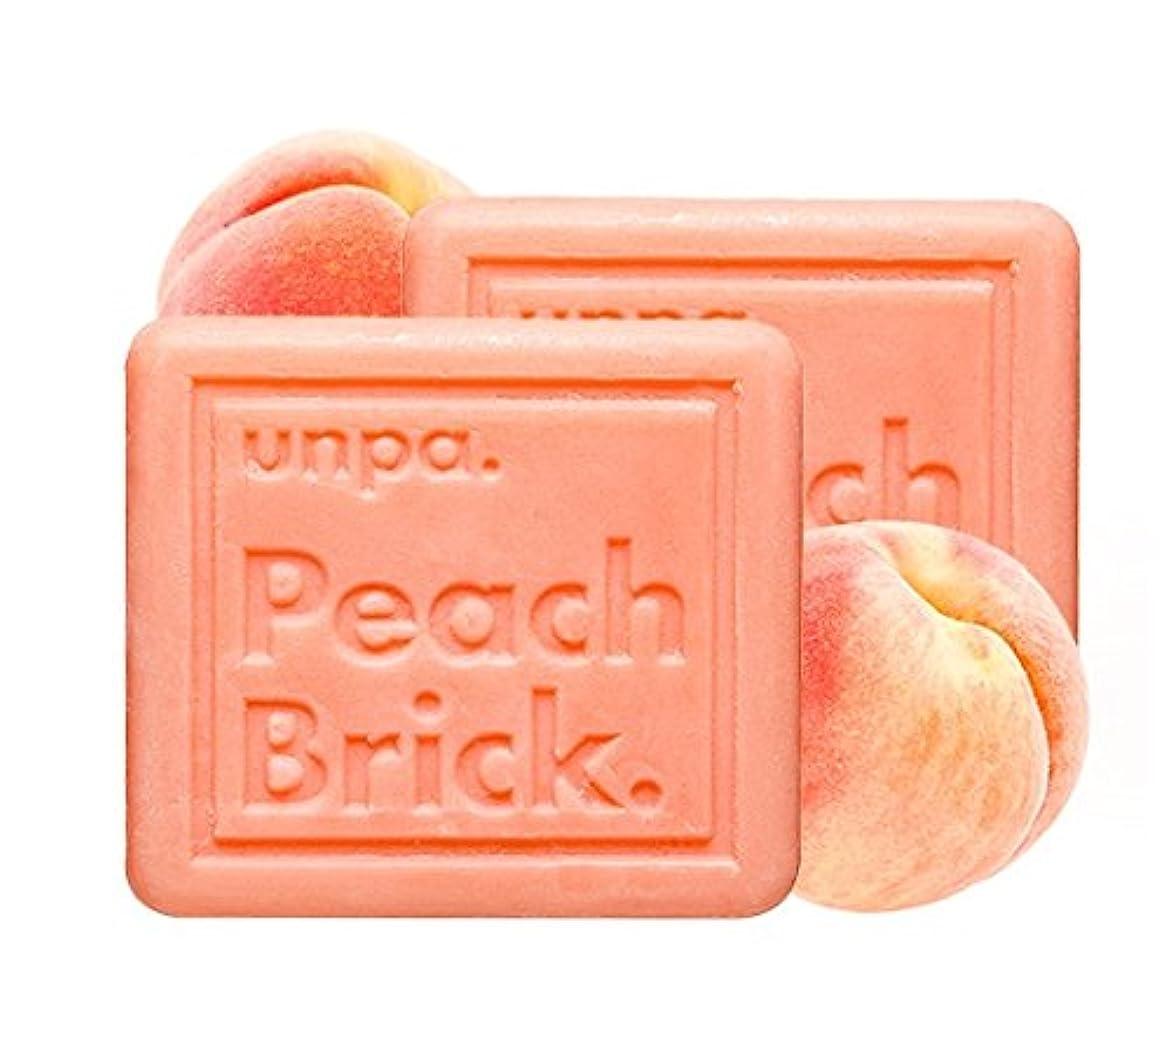 クレア急行する町unpa ピッチ?ブリック?トンアップ?ソープ(Peach Brick Tone-Up Soap)